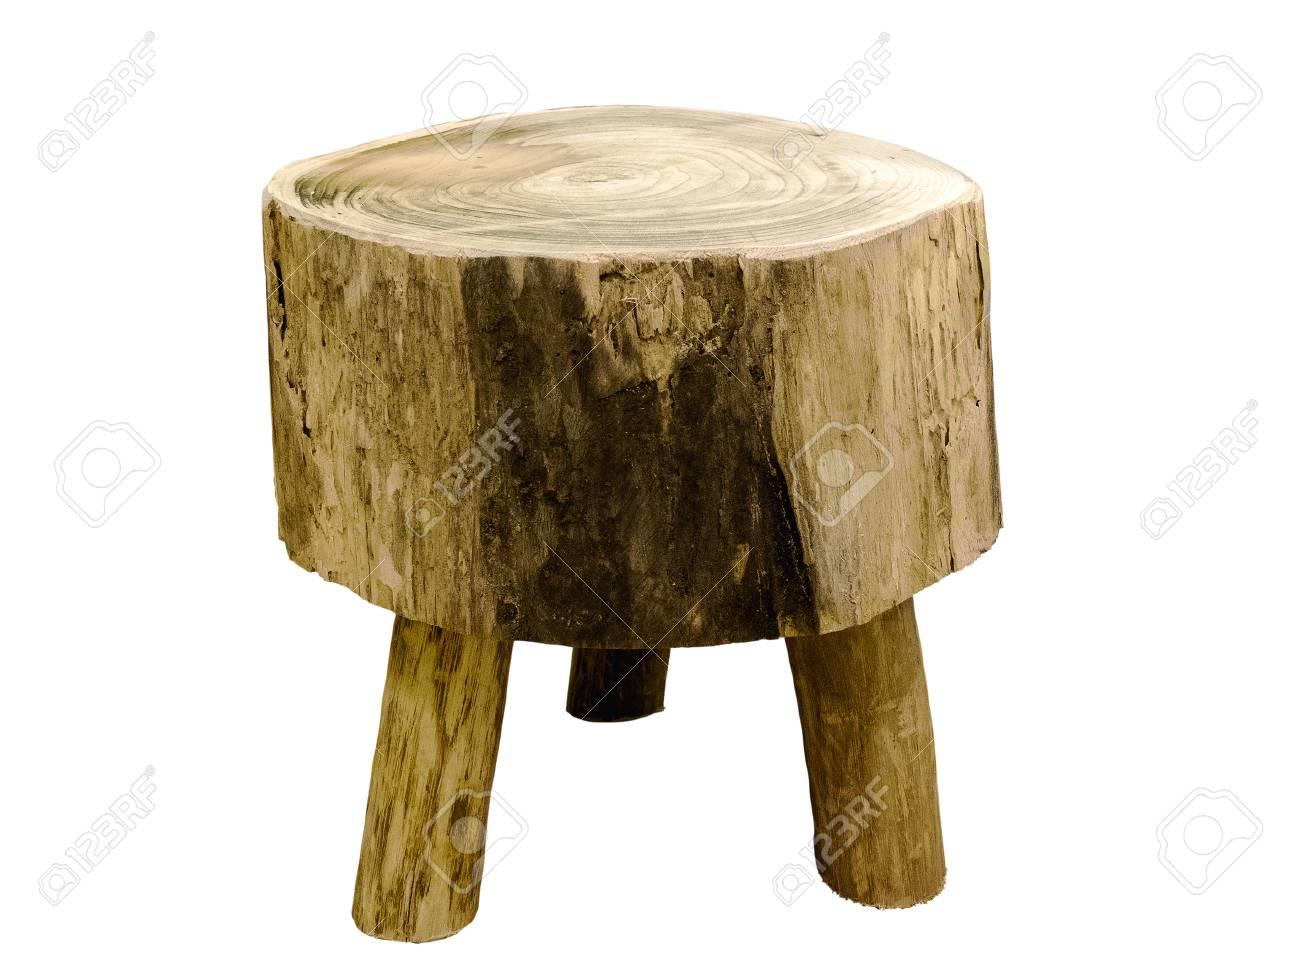 Sgabelli cucina legno zwd emejing ikea sgabelli cucina photos